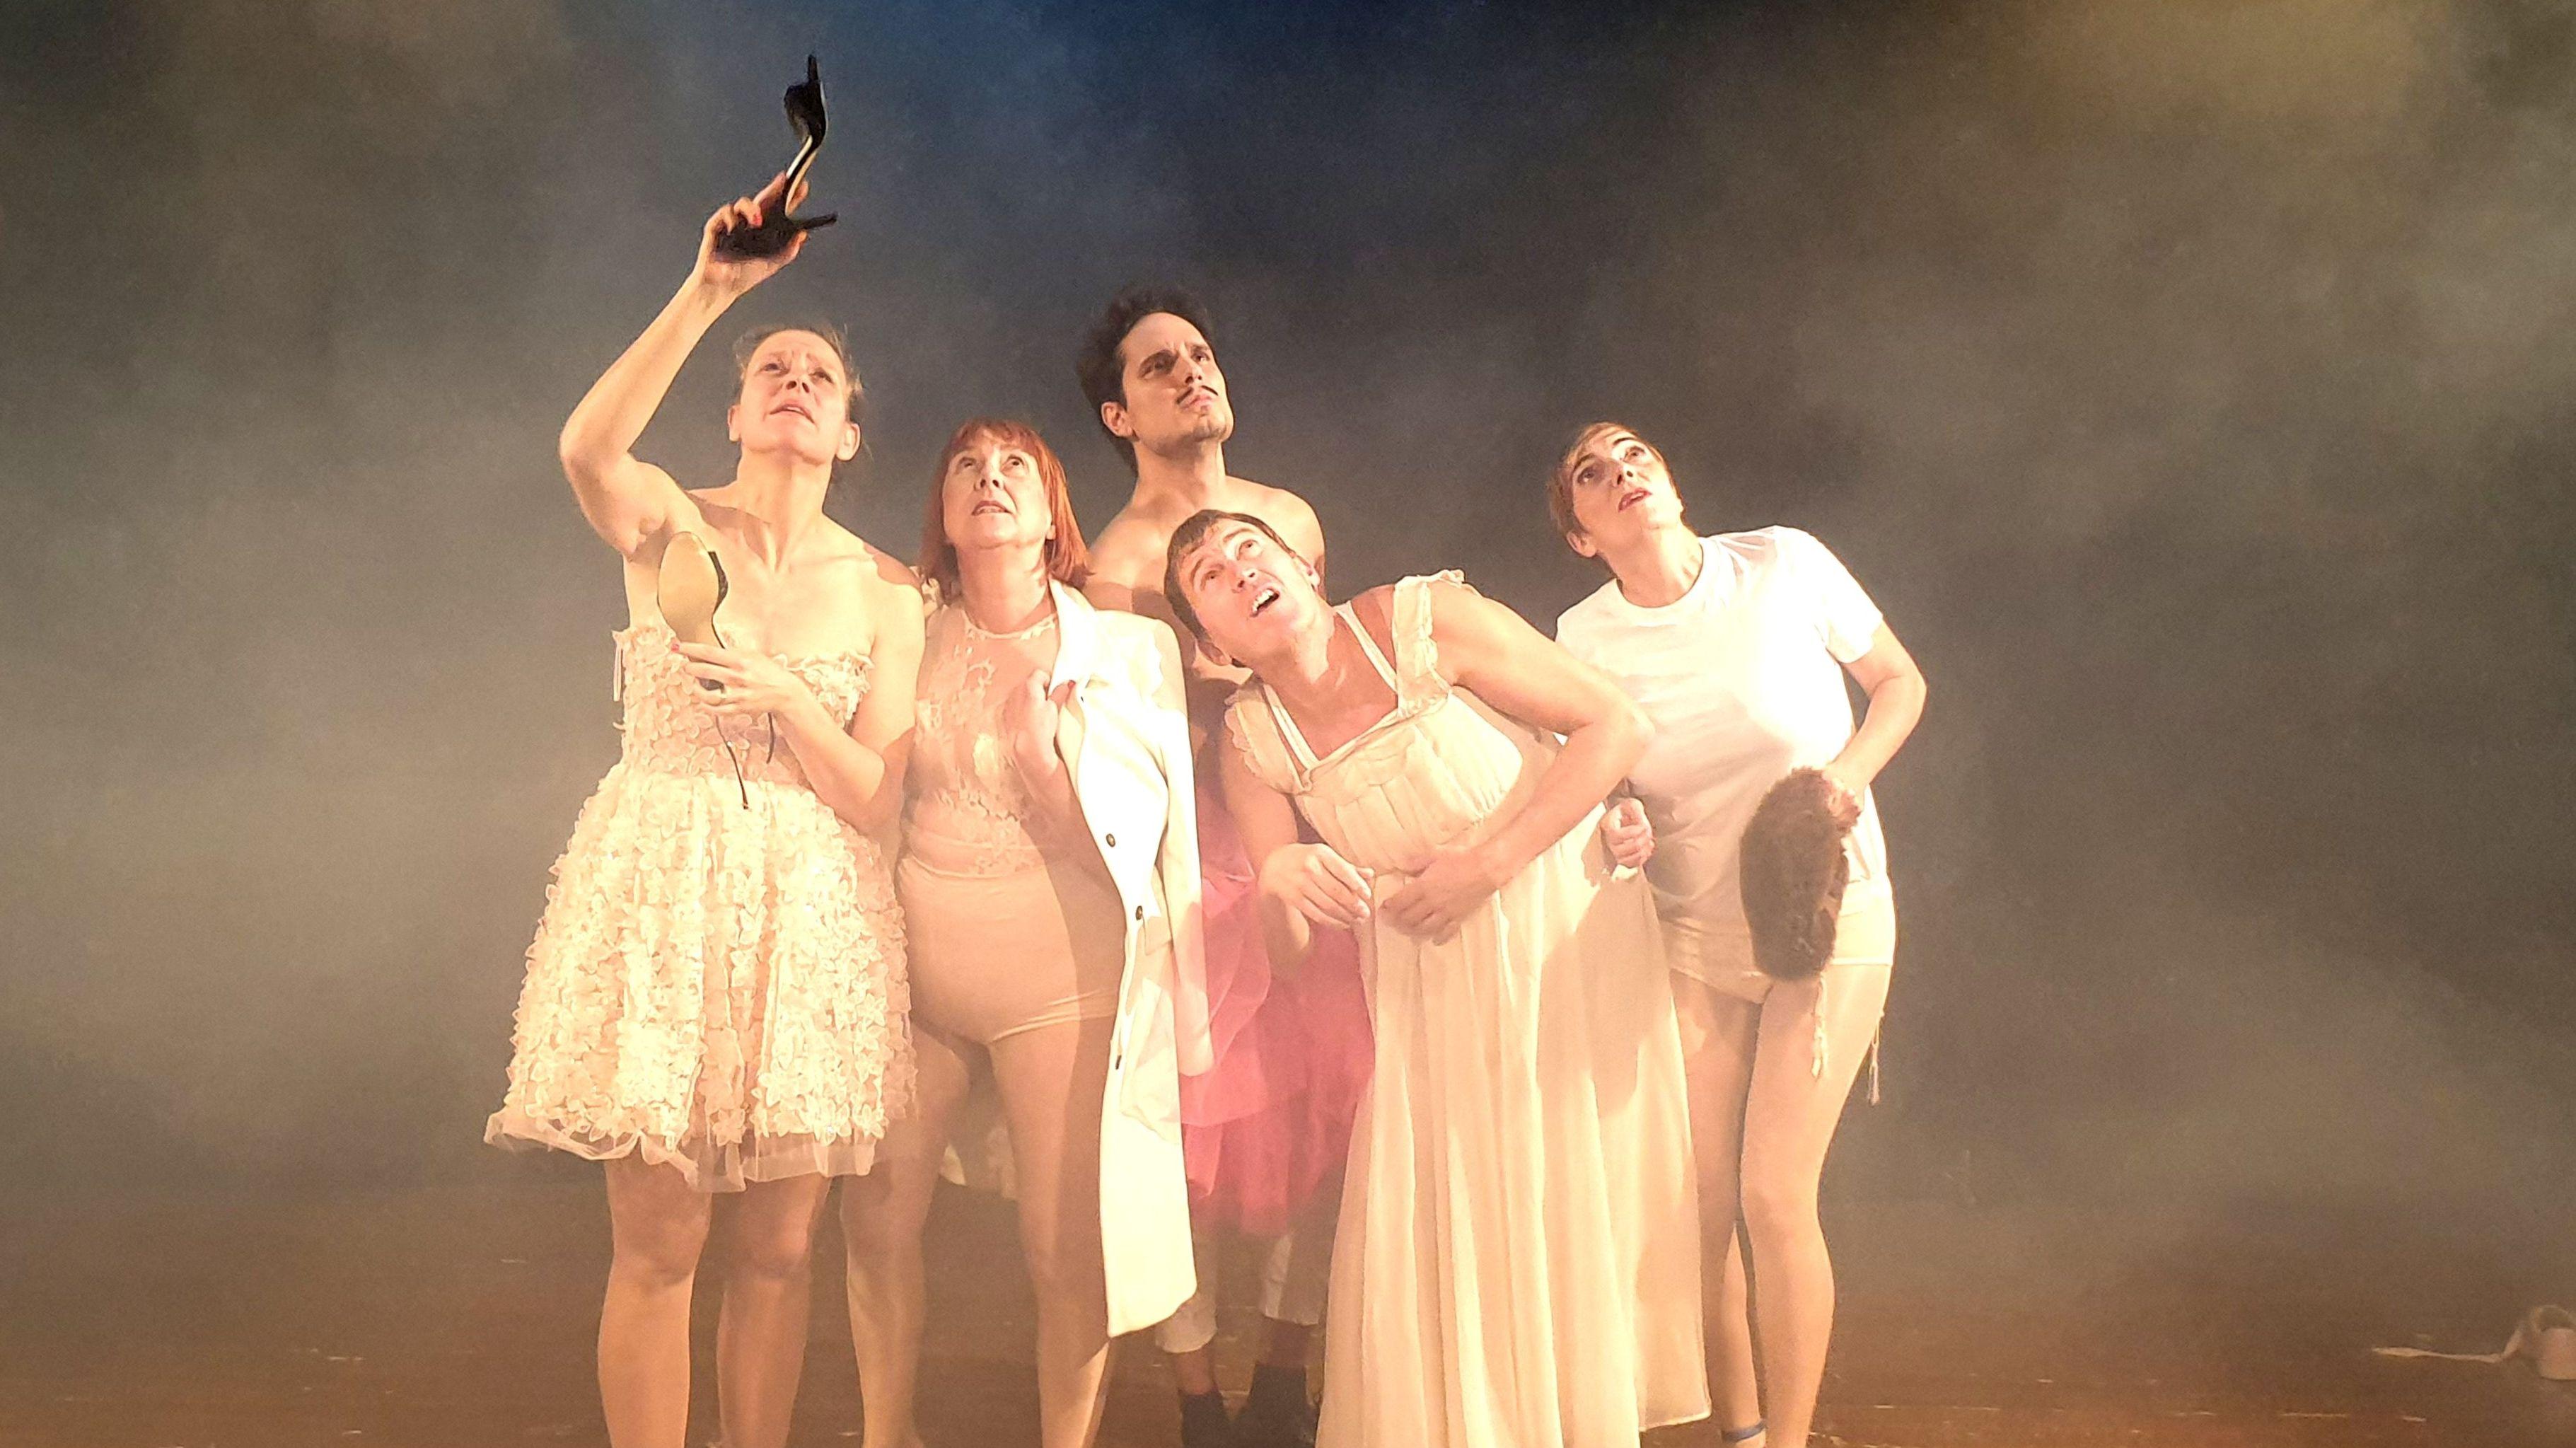 """Bühnenszene aus """"Trotz des großen Erfolges - eine Revue des Scheiterns"""" mit fünf Schauspielern in Unterwäsche, die nach oben schauen."""